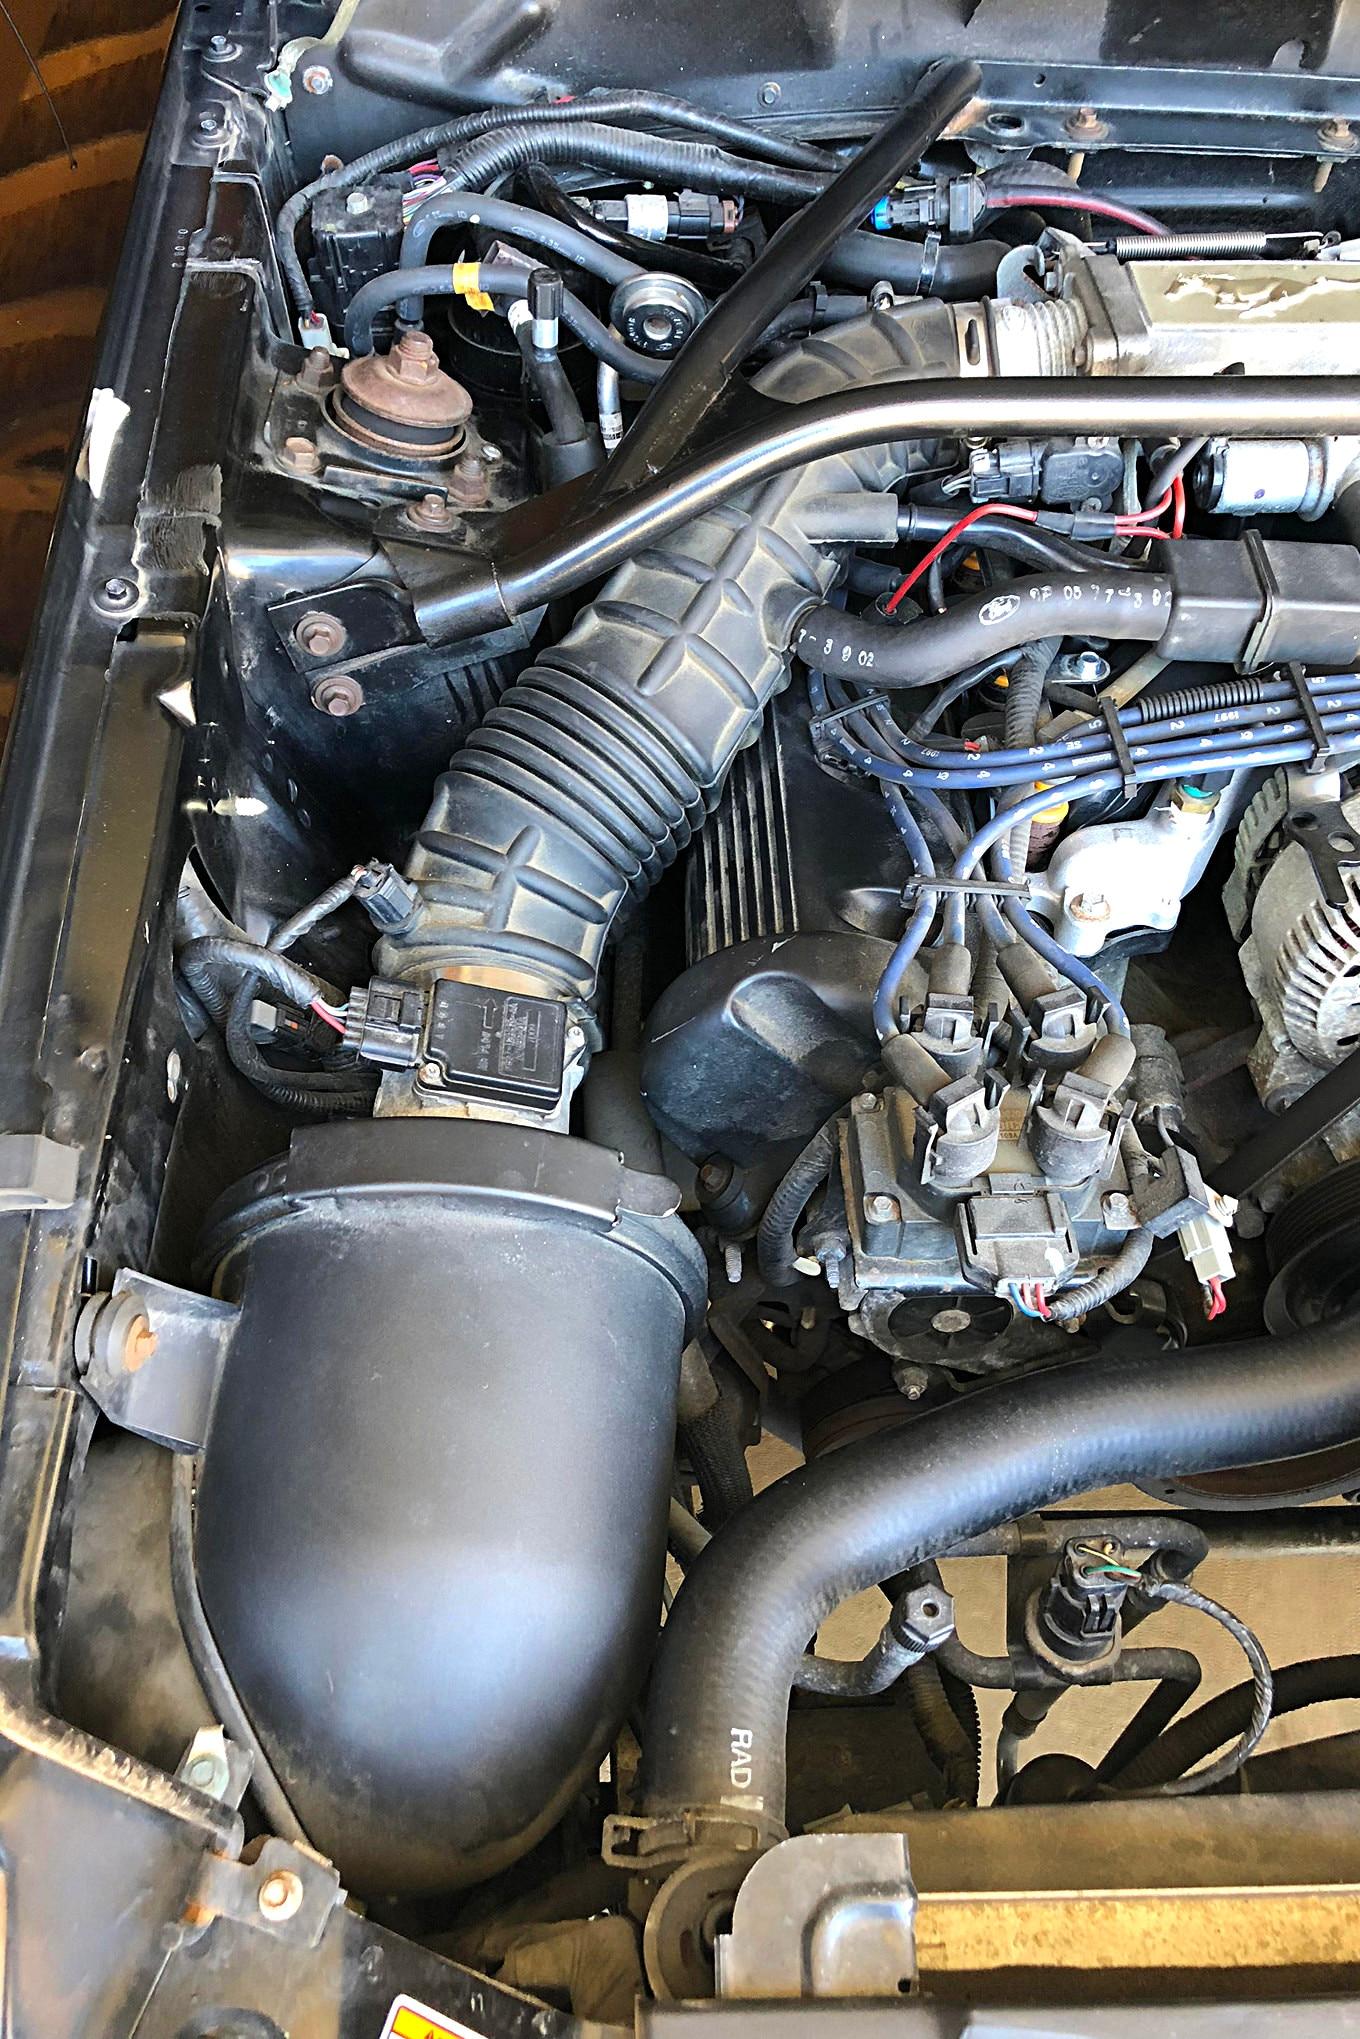 002 1997 Mustang Gt Stock Intake